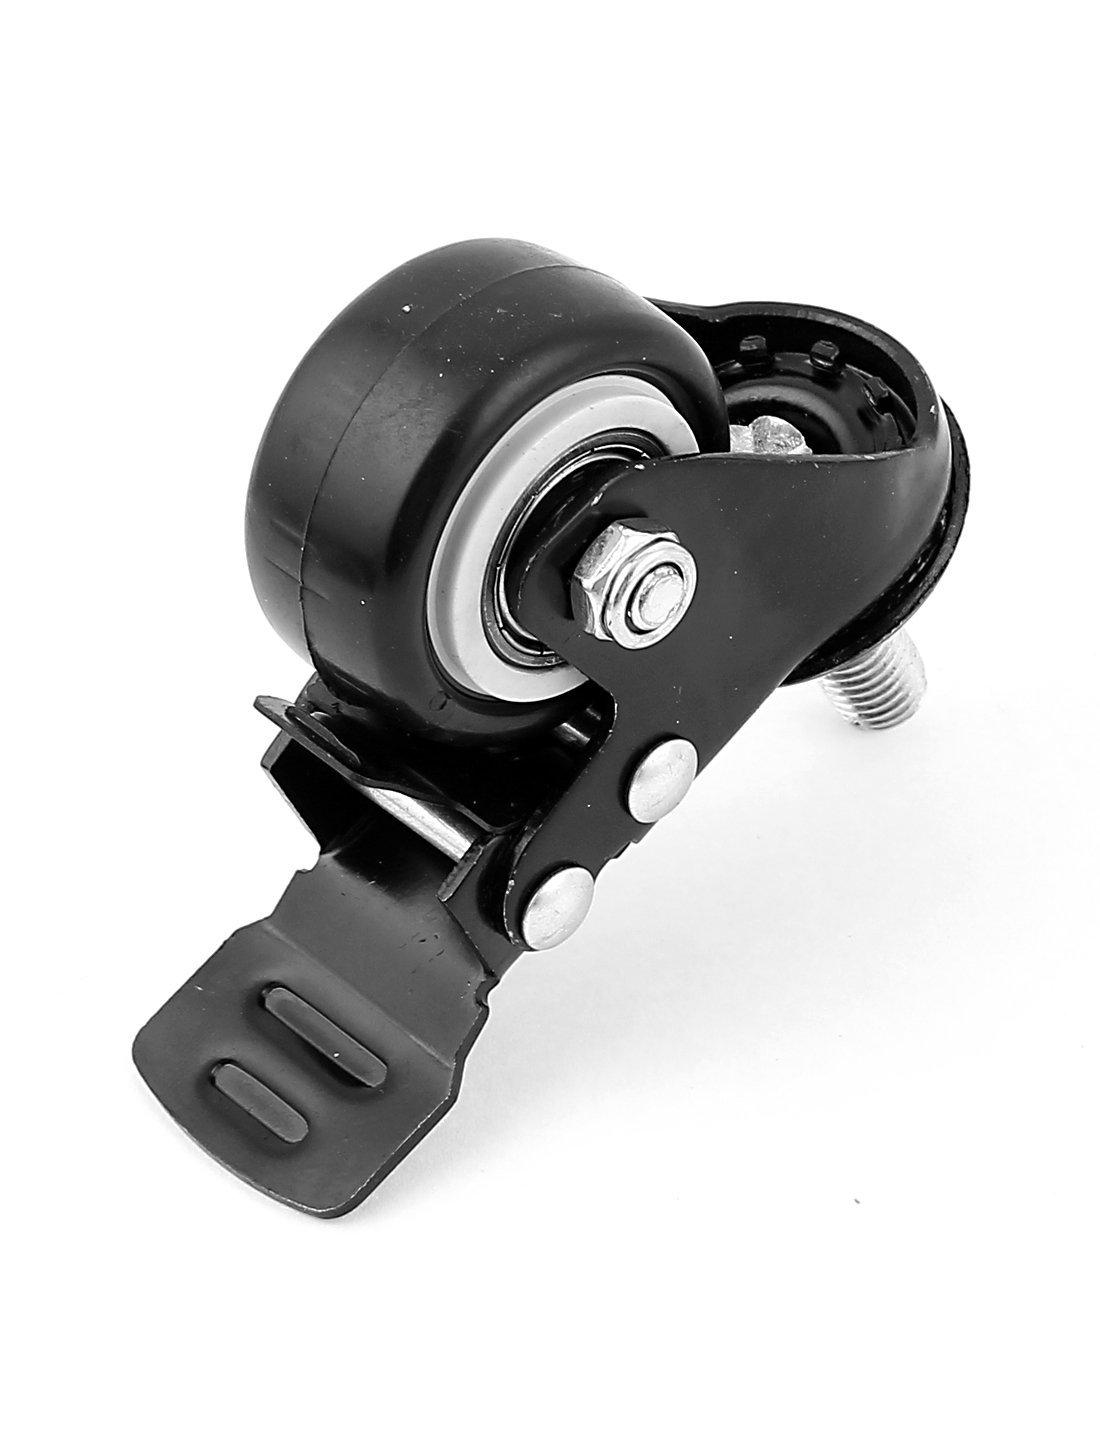 eDealMax a15050900ux0365 las ruedas giratorias panadería Cesta 10mm de rosca DE 1, 5 pulgadas de bola rotativa del cojinete de la rueda giratoria de: ...